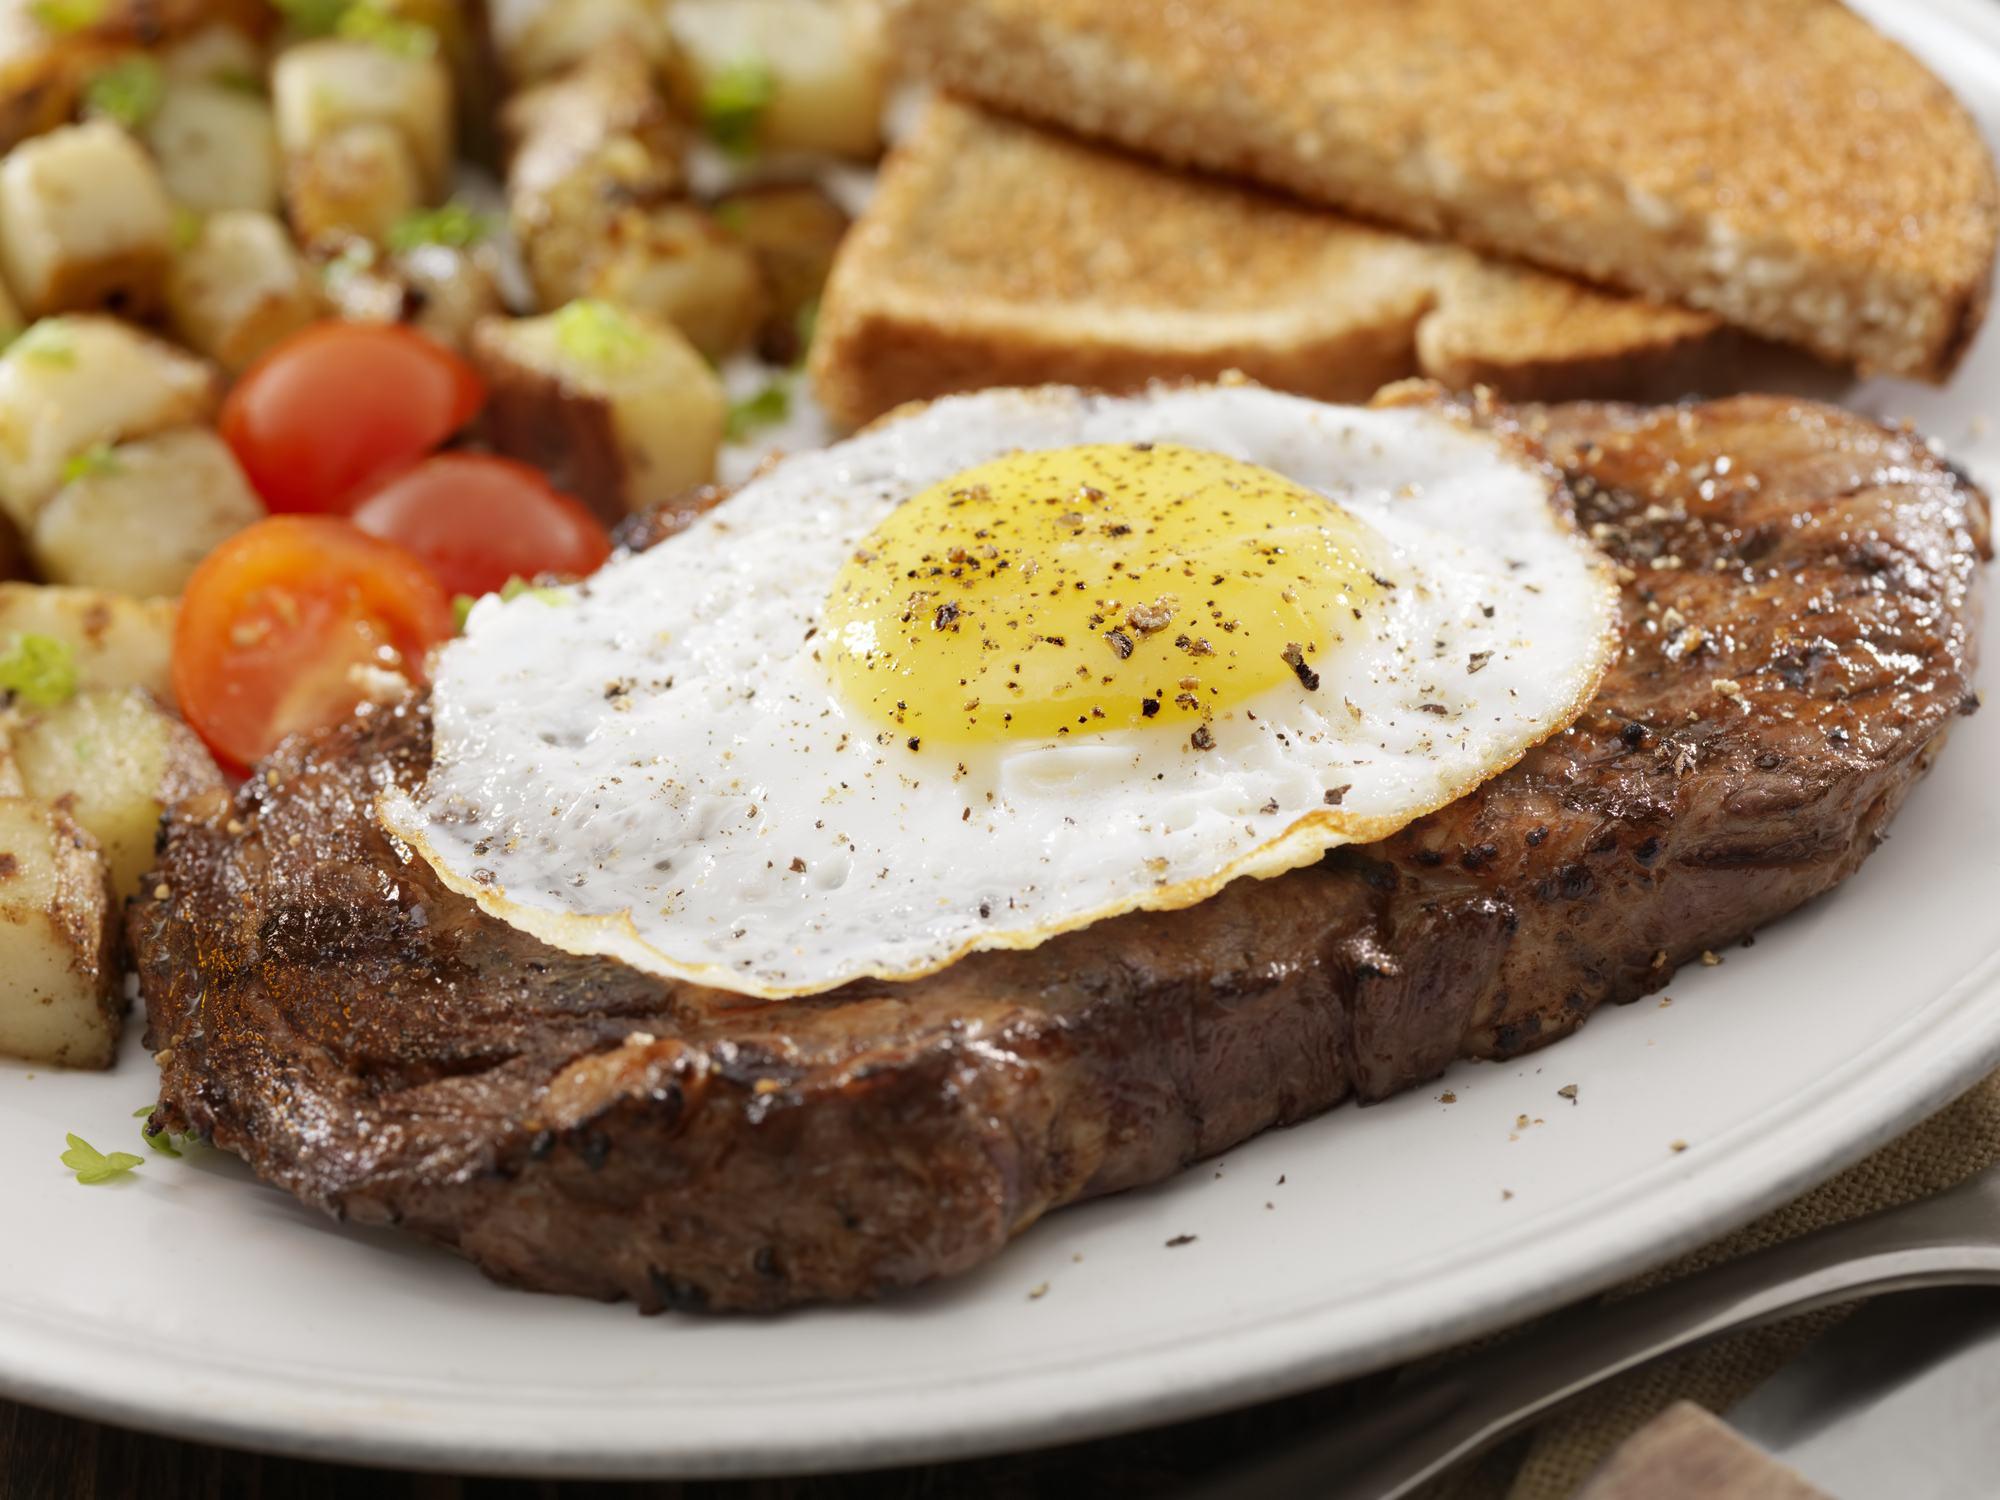 Steak and Egg breakfast